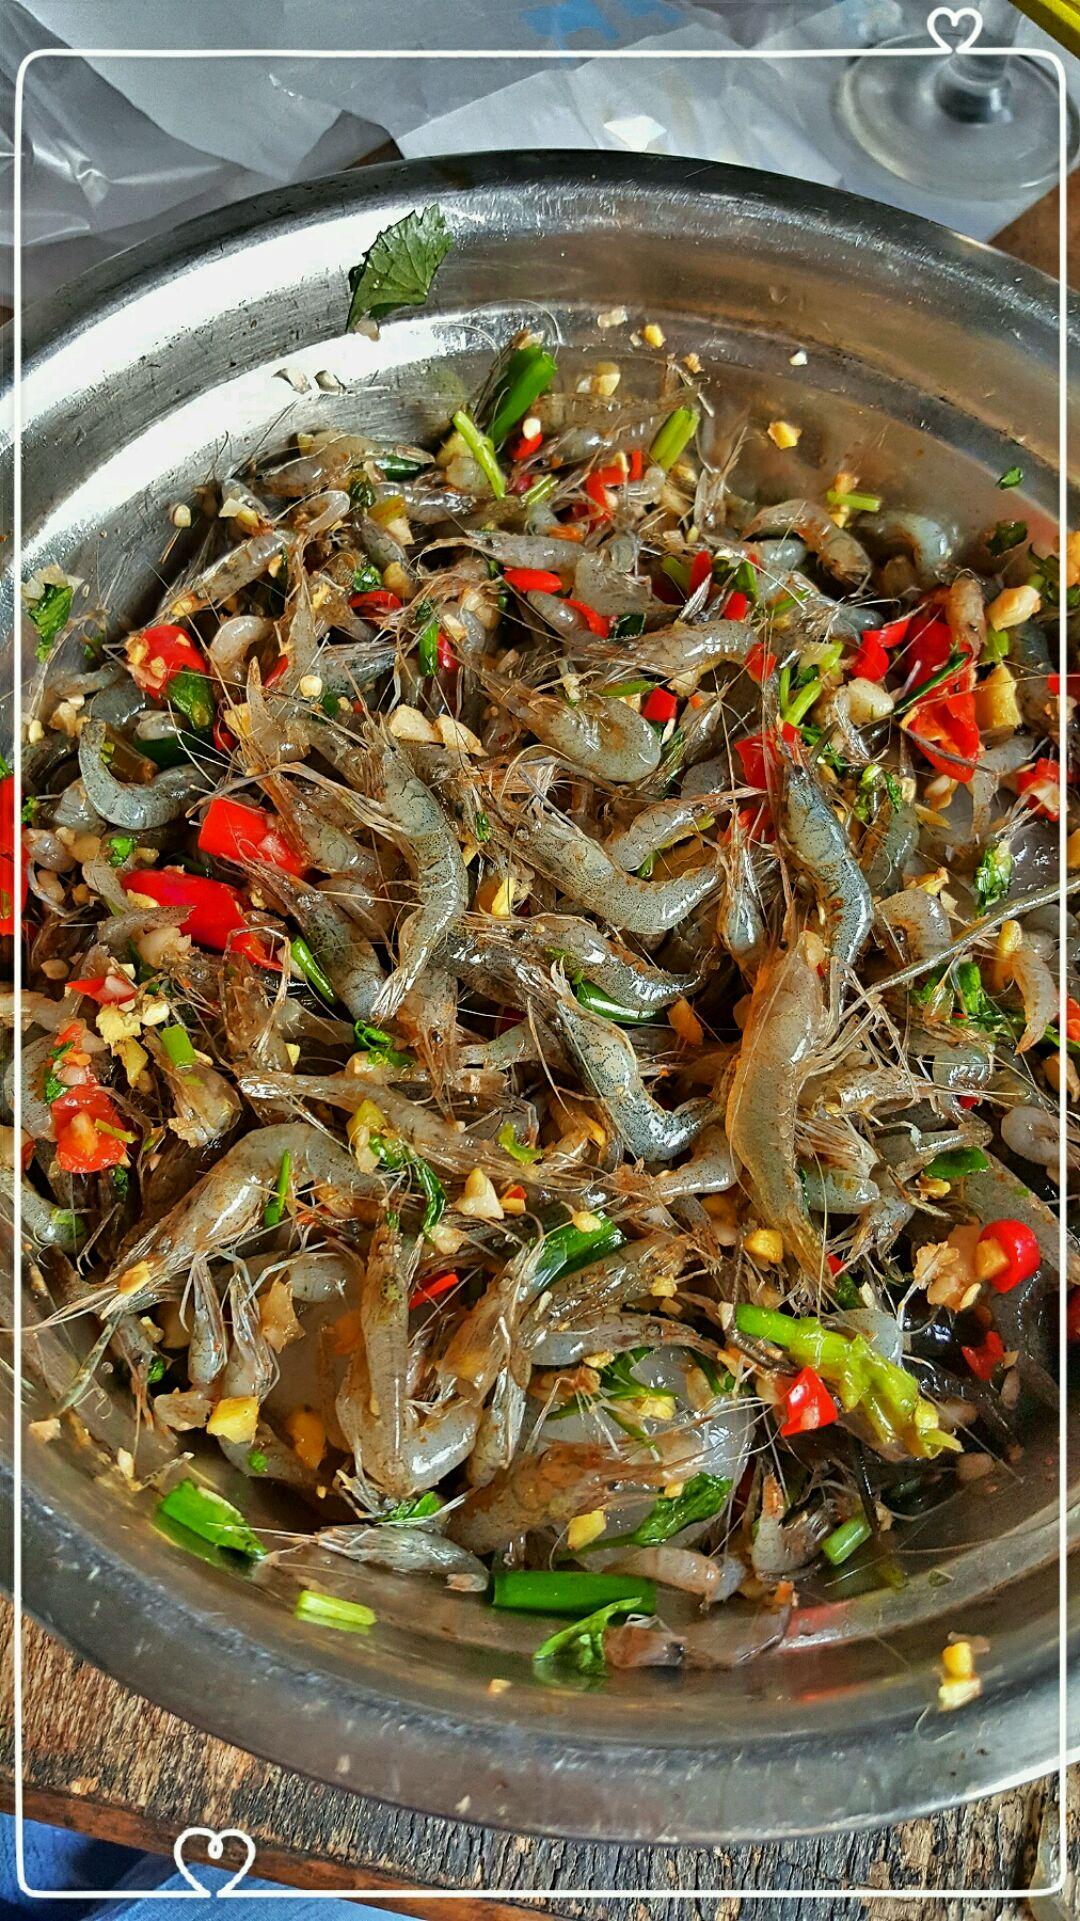 醉虾的做法步骤 1. 葱姜蒜 小米椒 切碎 可多放点 放入大碗中 2.